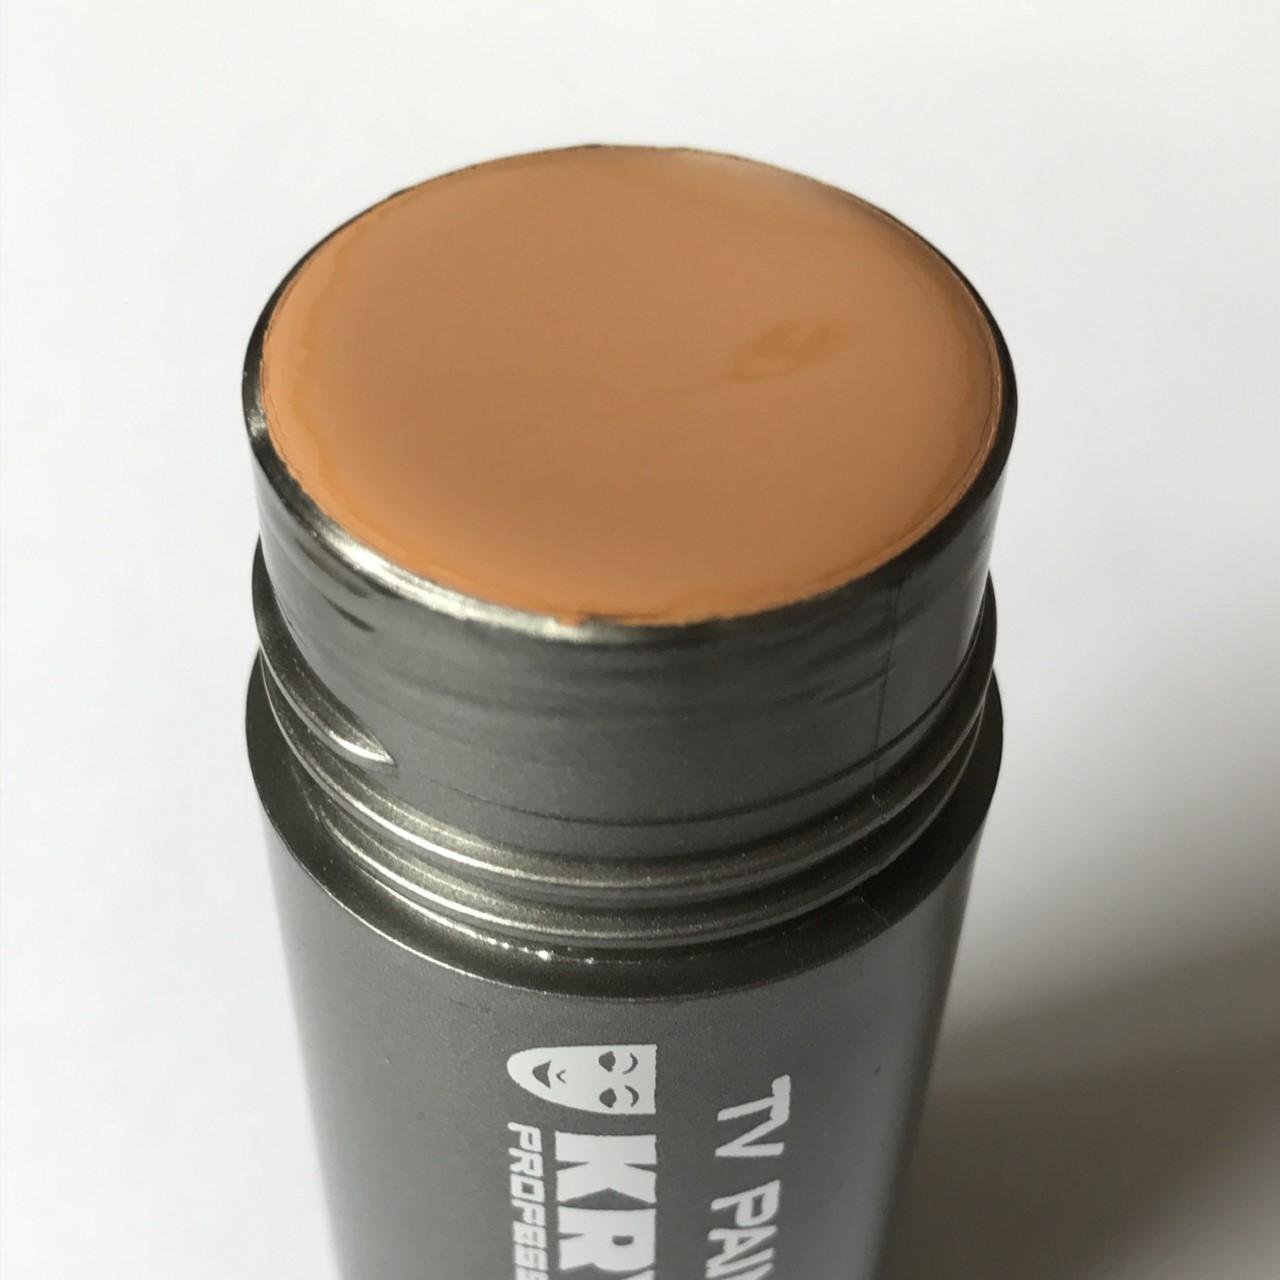 Maquillage kryolan paint stick 5047 w4